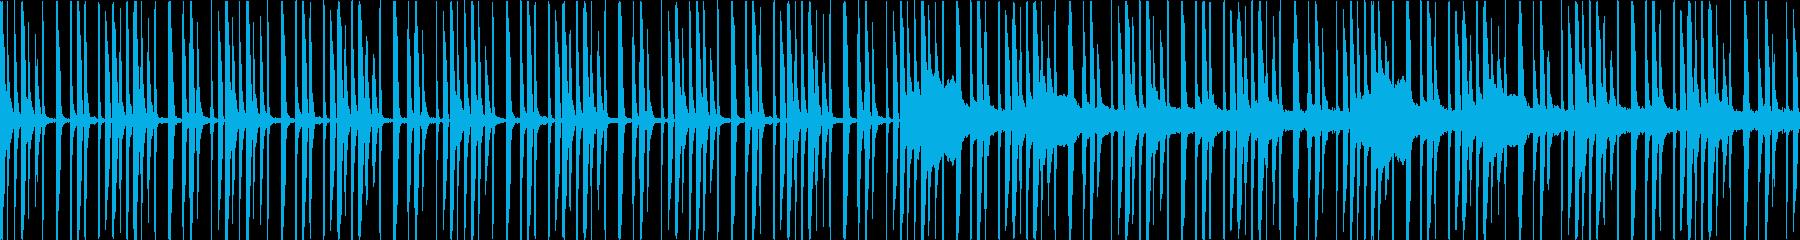 森・ゲーム・ループ・不思議・切ないの再生済みの波形